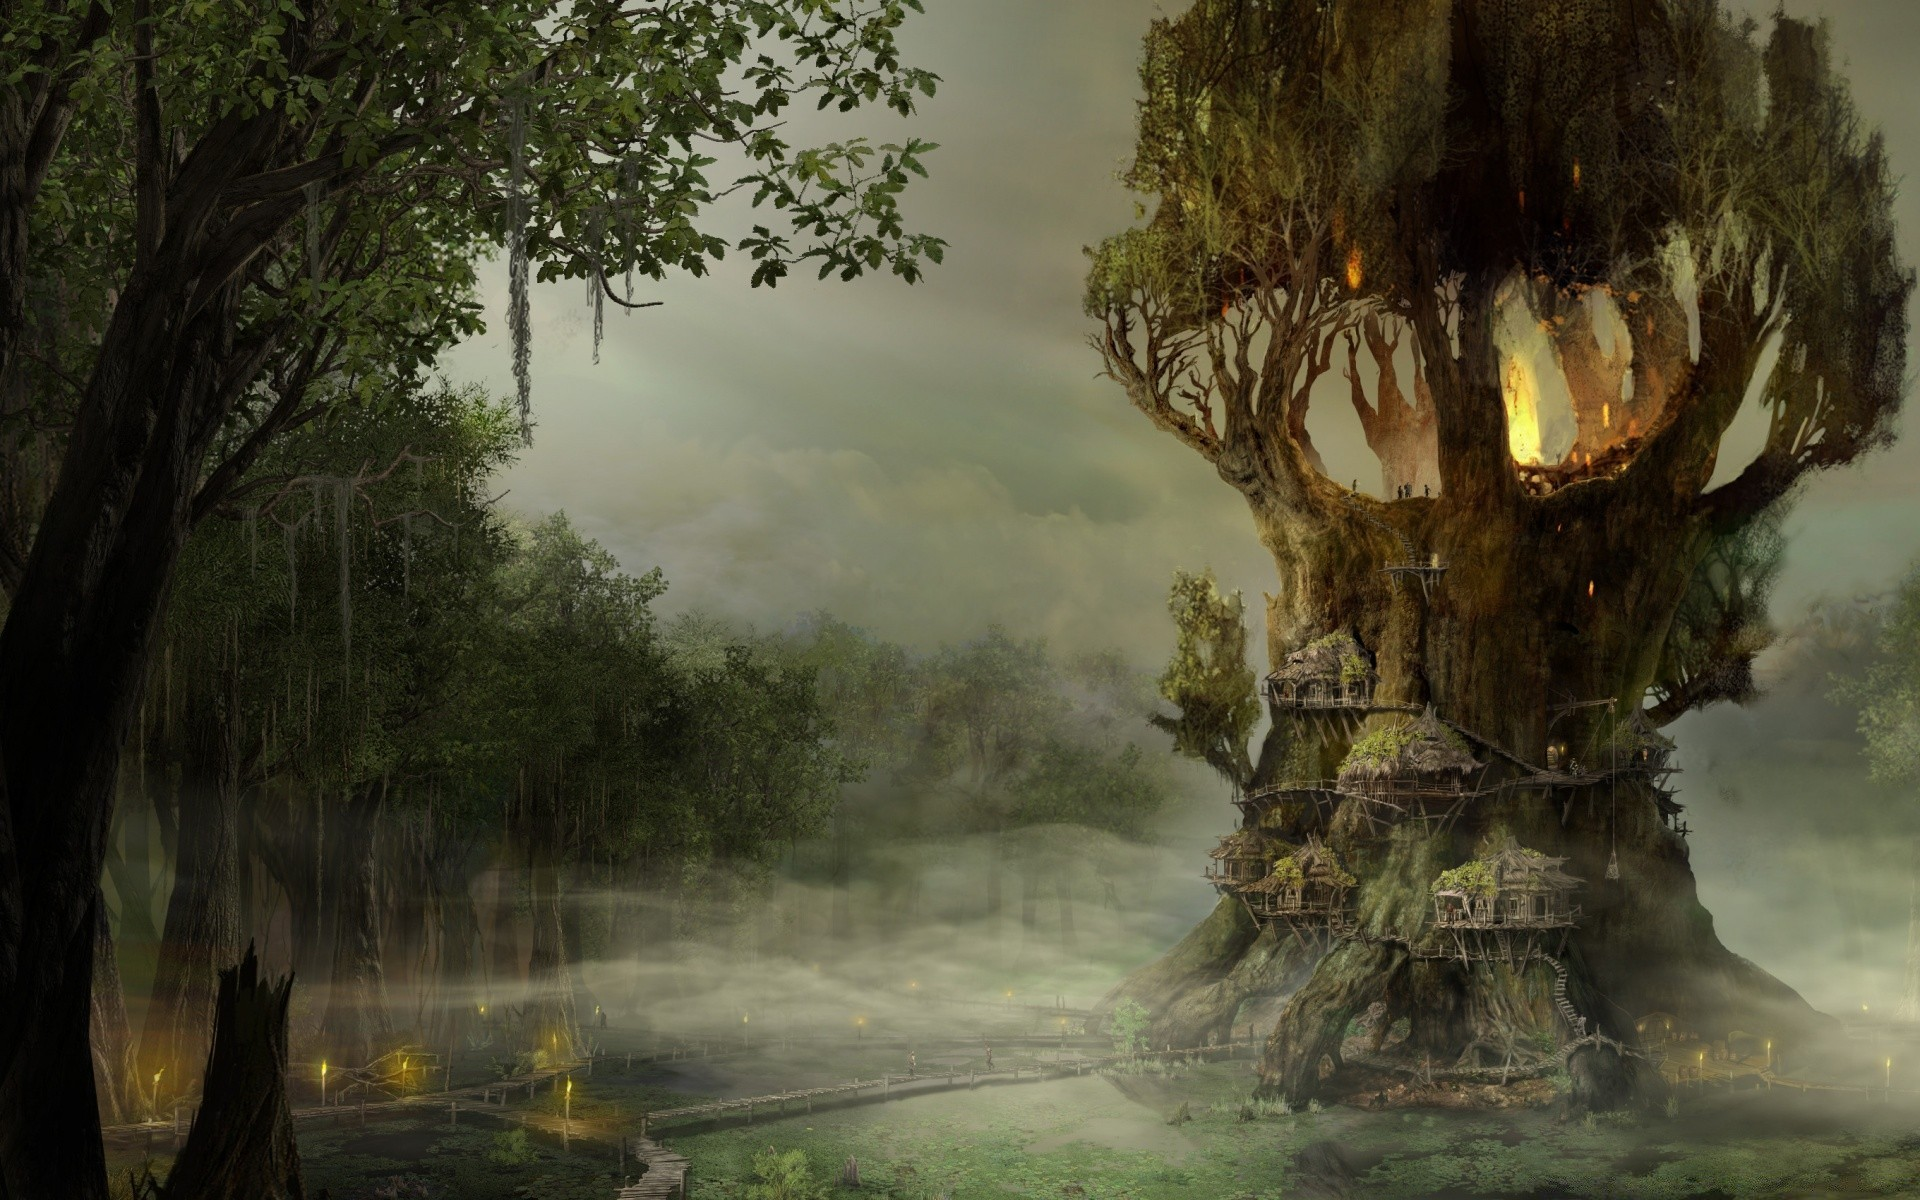 пенсильванию картинки деревья фэнтези время